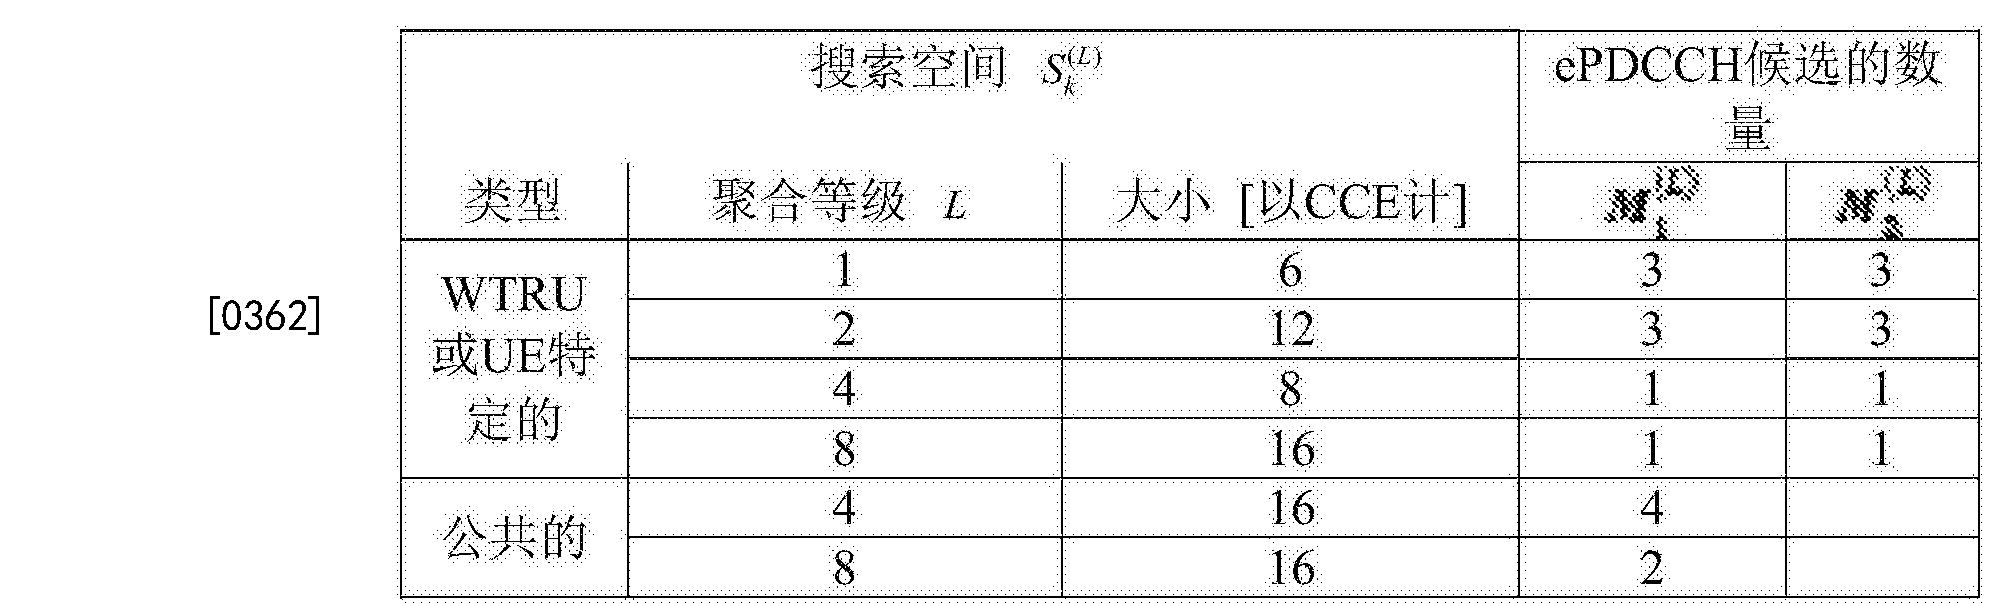 Figure CN104081709BD00571